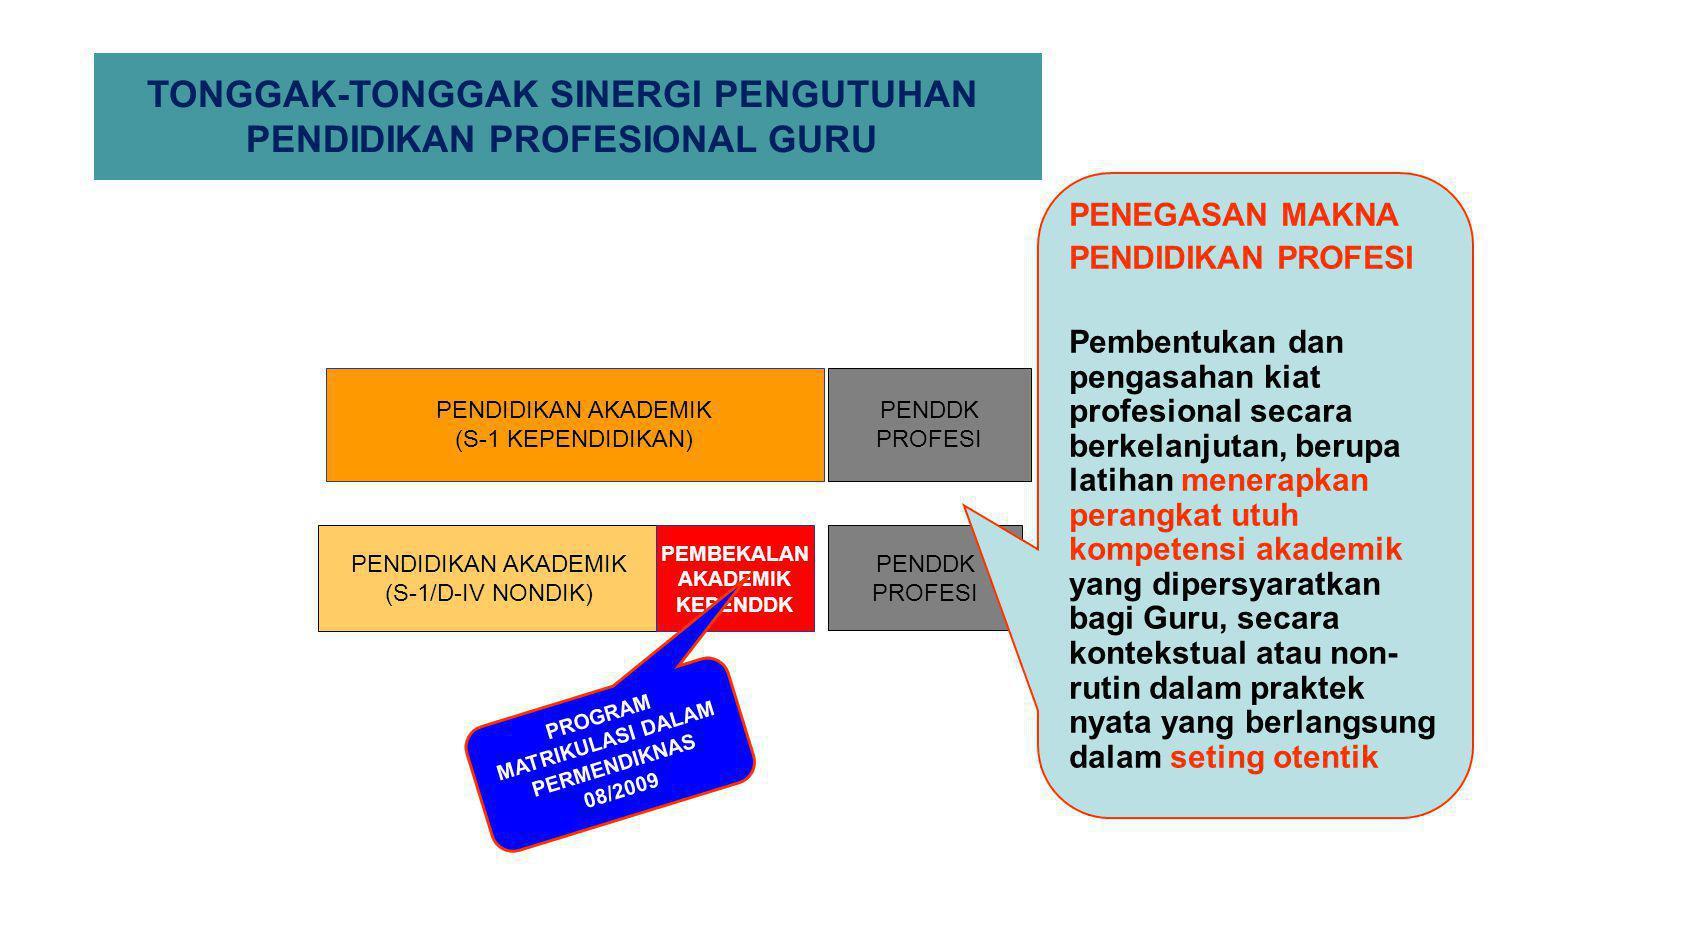 TONGGAK-TONGGAK SINERGI PENGUTUHAN PENDIDIKAN PROFESIONAL GURU PENDIDIKAN AKADEMIK (S-1 KEPENDIDIKAN) PENDDK PROFESI PENDIDIKAN AKADEMIK (S-1/D-IV NONDIK) PEMBEKALAN AKADEMIK KEPENDDK PENDDK PROFESI PROGRAM MATRIKULASI DALAM PERMENDIKNAS 08/2009 PENEGASAN MAKNA PENDIDIKAN PROFESI Pembentukan dan pengasahan kiat profesional secara berkelanjutan, berupa latihan menerapkan perangkat utuh kompetensi akademik yang dipersyaratkan bagi Guru, secara kontekstual atau non- rutin dalam praktek nyata yang berlangsung dalam seting otentik